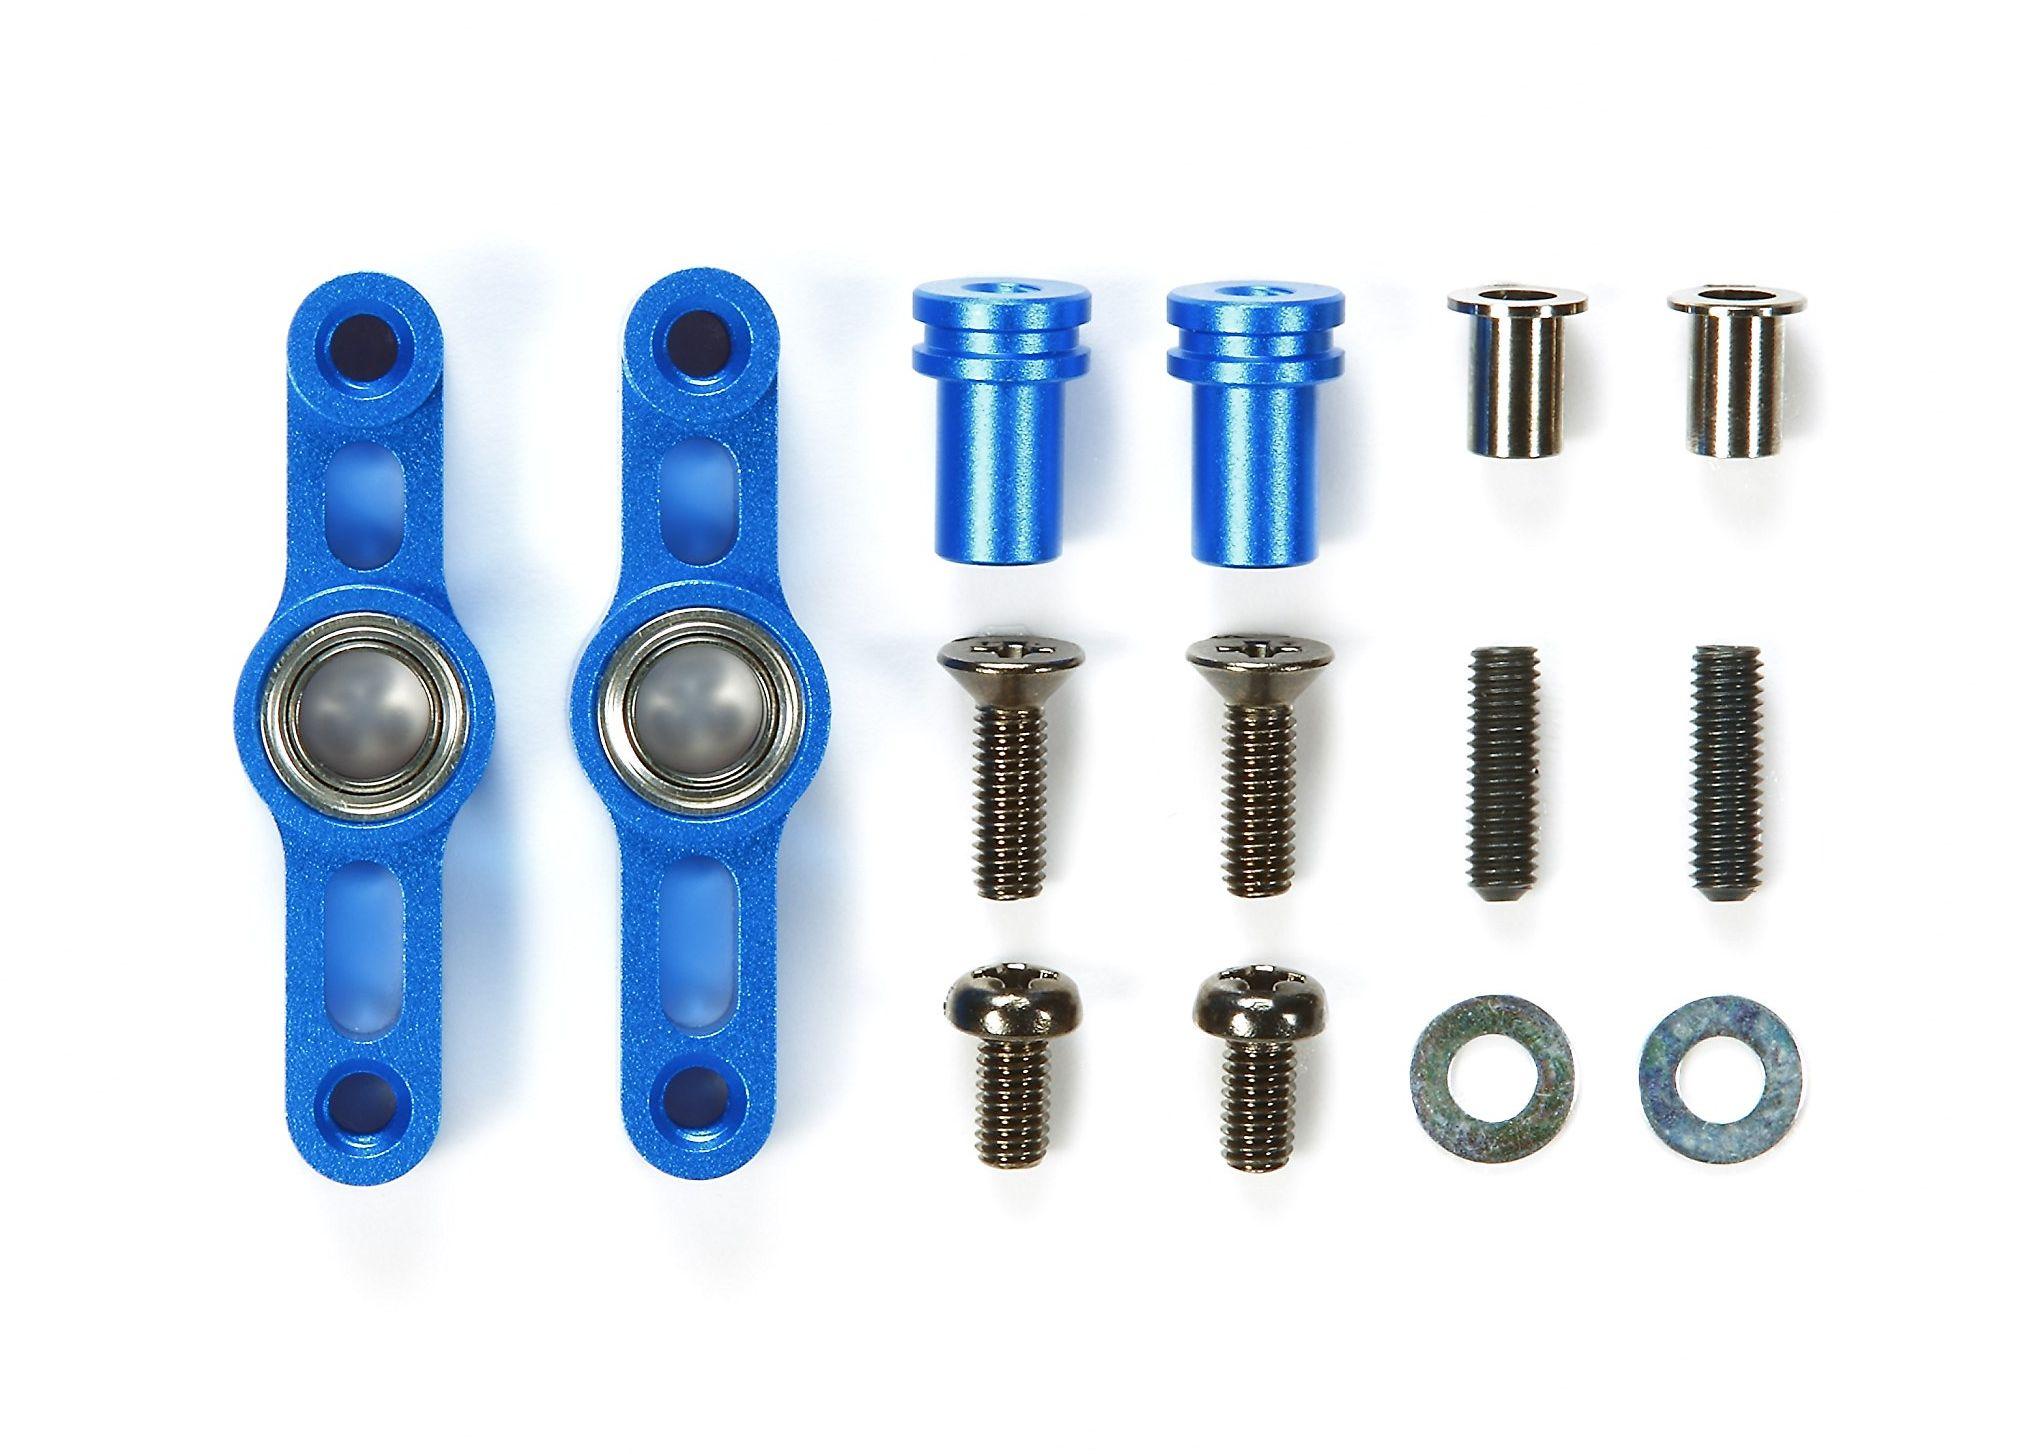 Tamiya 300054574 - TT-02 aluminiowy zestaw dźwigni kierownicy, niebieski anodowany